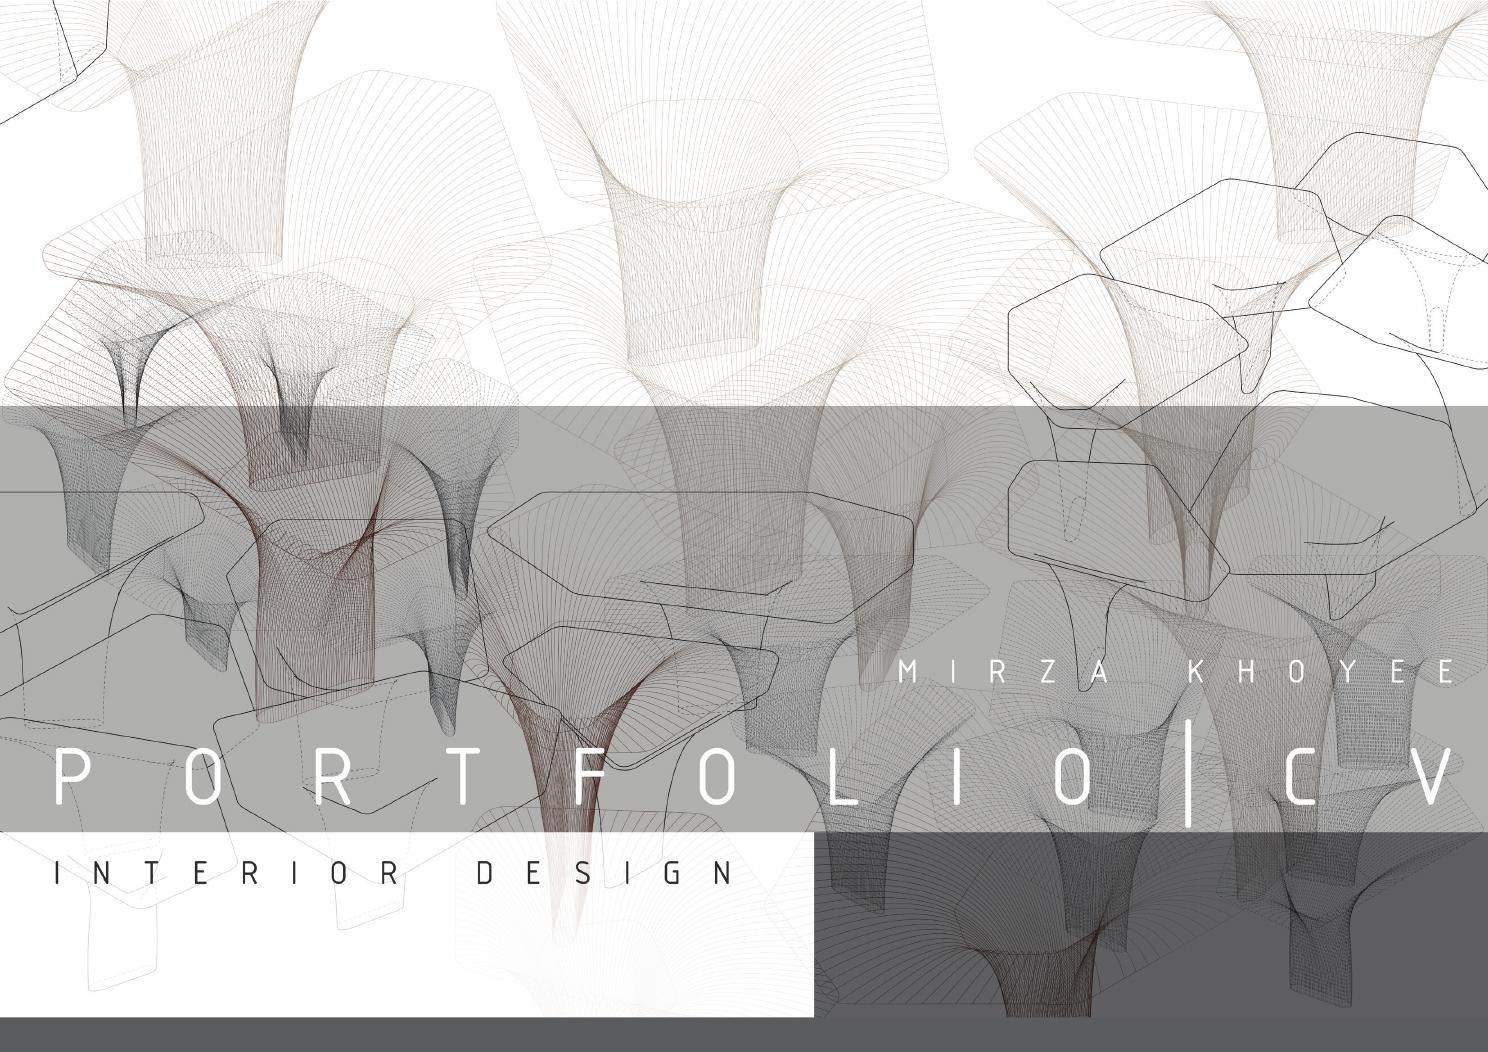 Interior design portfolio mirza khoyee portfolio design interior design portfolios design for Interior design portfolio cover